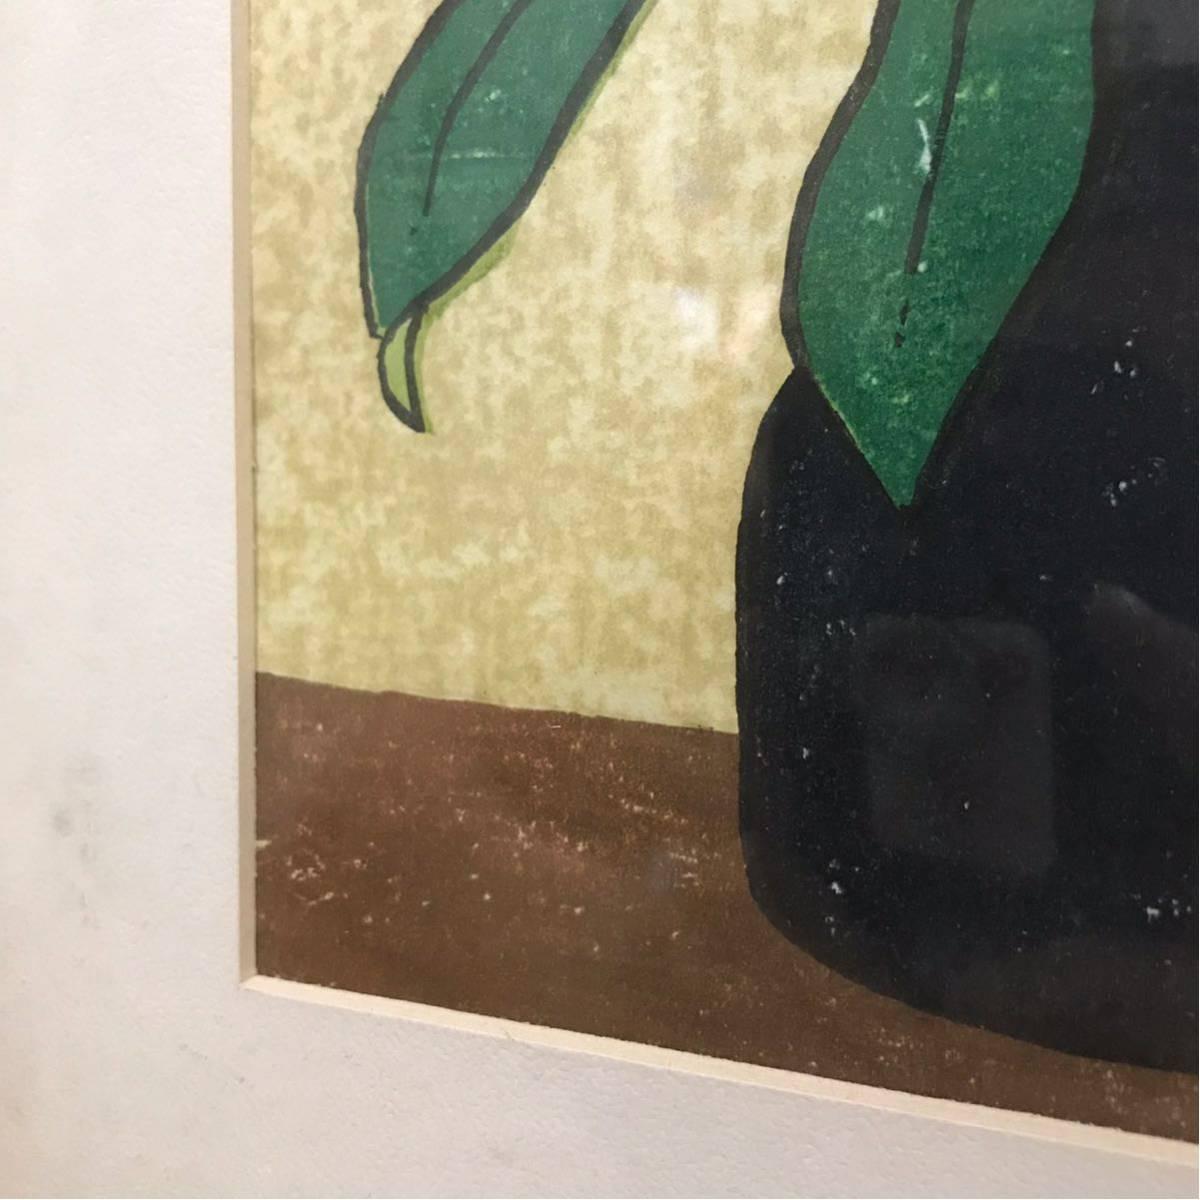 本木こま子 木版画 絵 花 椿 つばき 花瓶 額入り インテリア 外箱あり_画像7